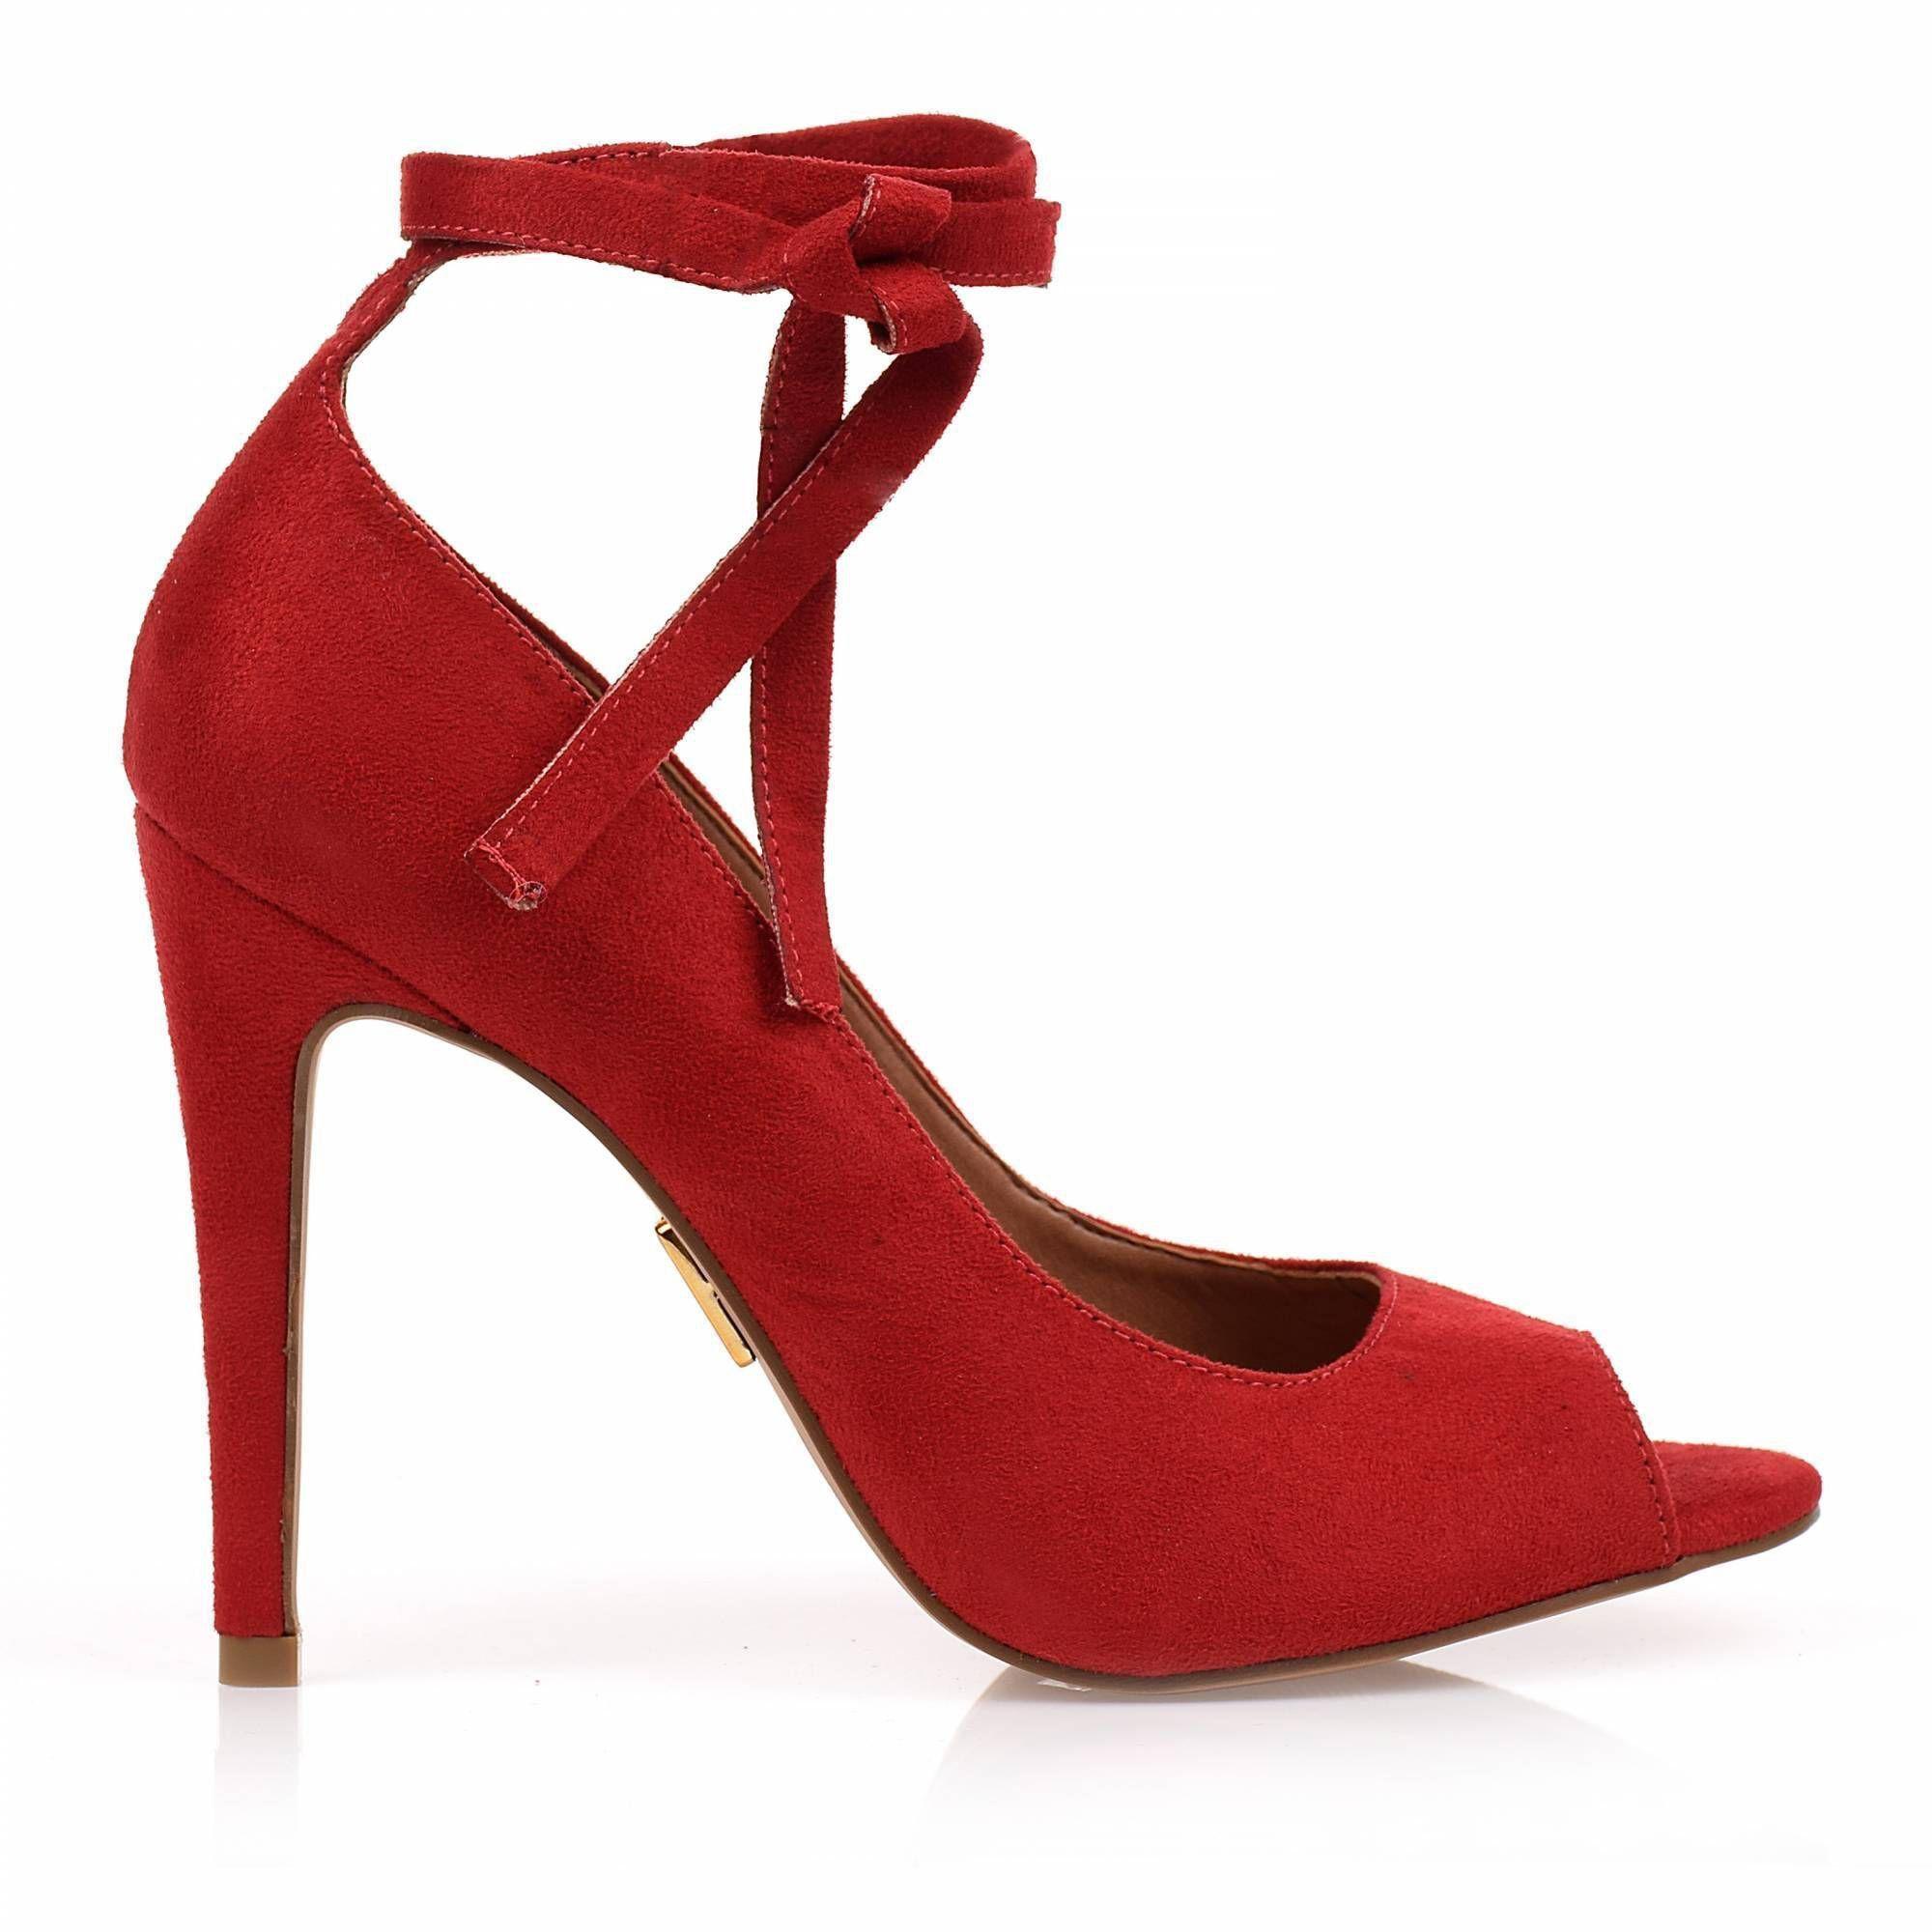 Peep Toe Salto Alto Camurça Scarlet